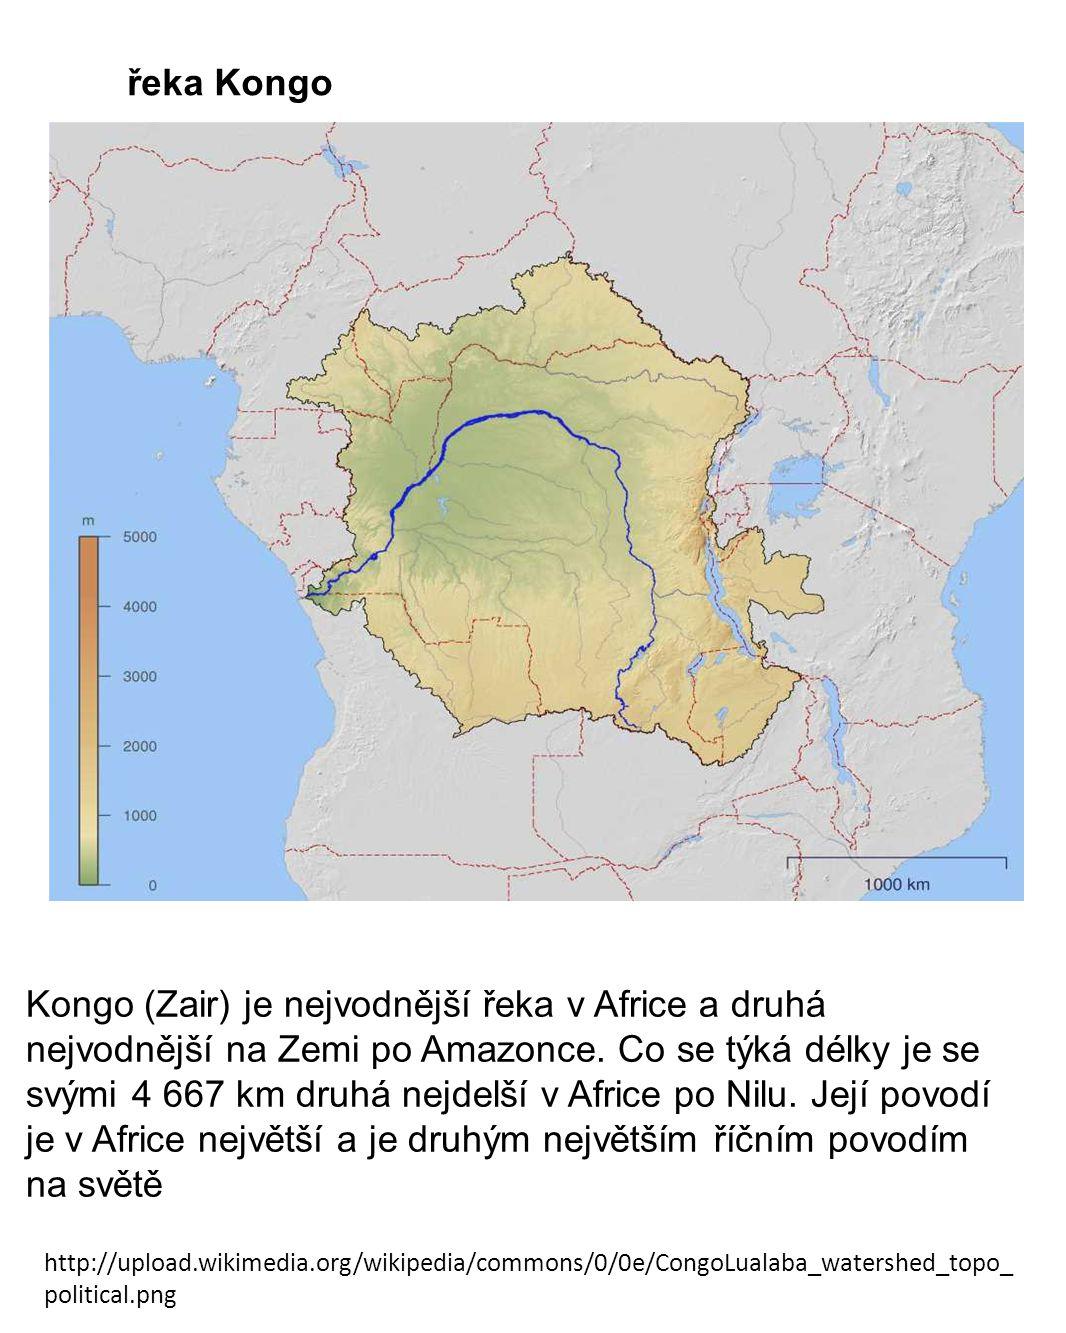 Kongo (Zair) je nejvodnější řeka v Africe a druhá nejvodnější na Zemi po Amazonce. Co se týká délky je se svými 4 667 km druhá nejdelší v Africe po Ni